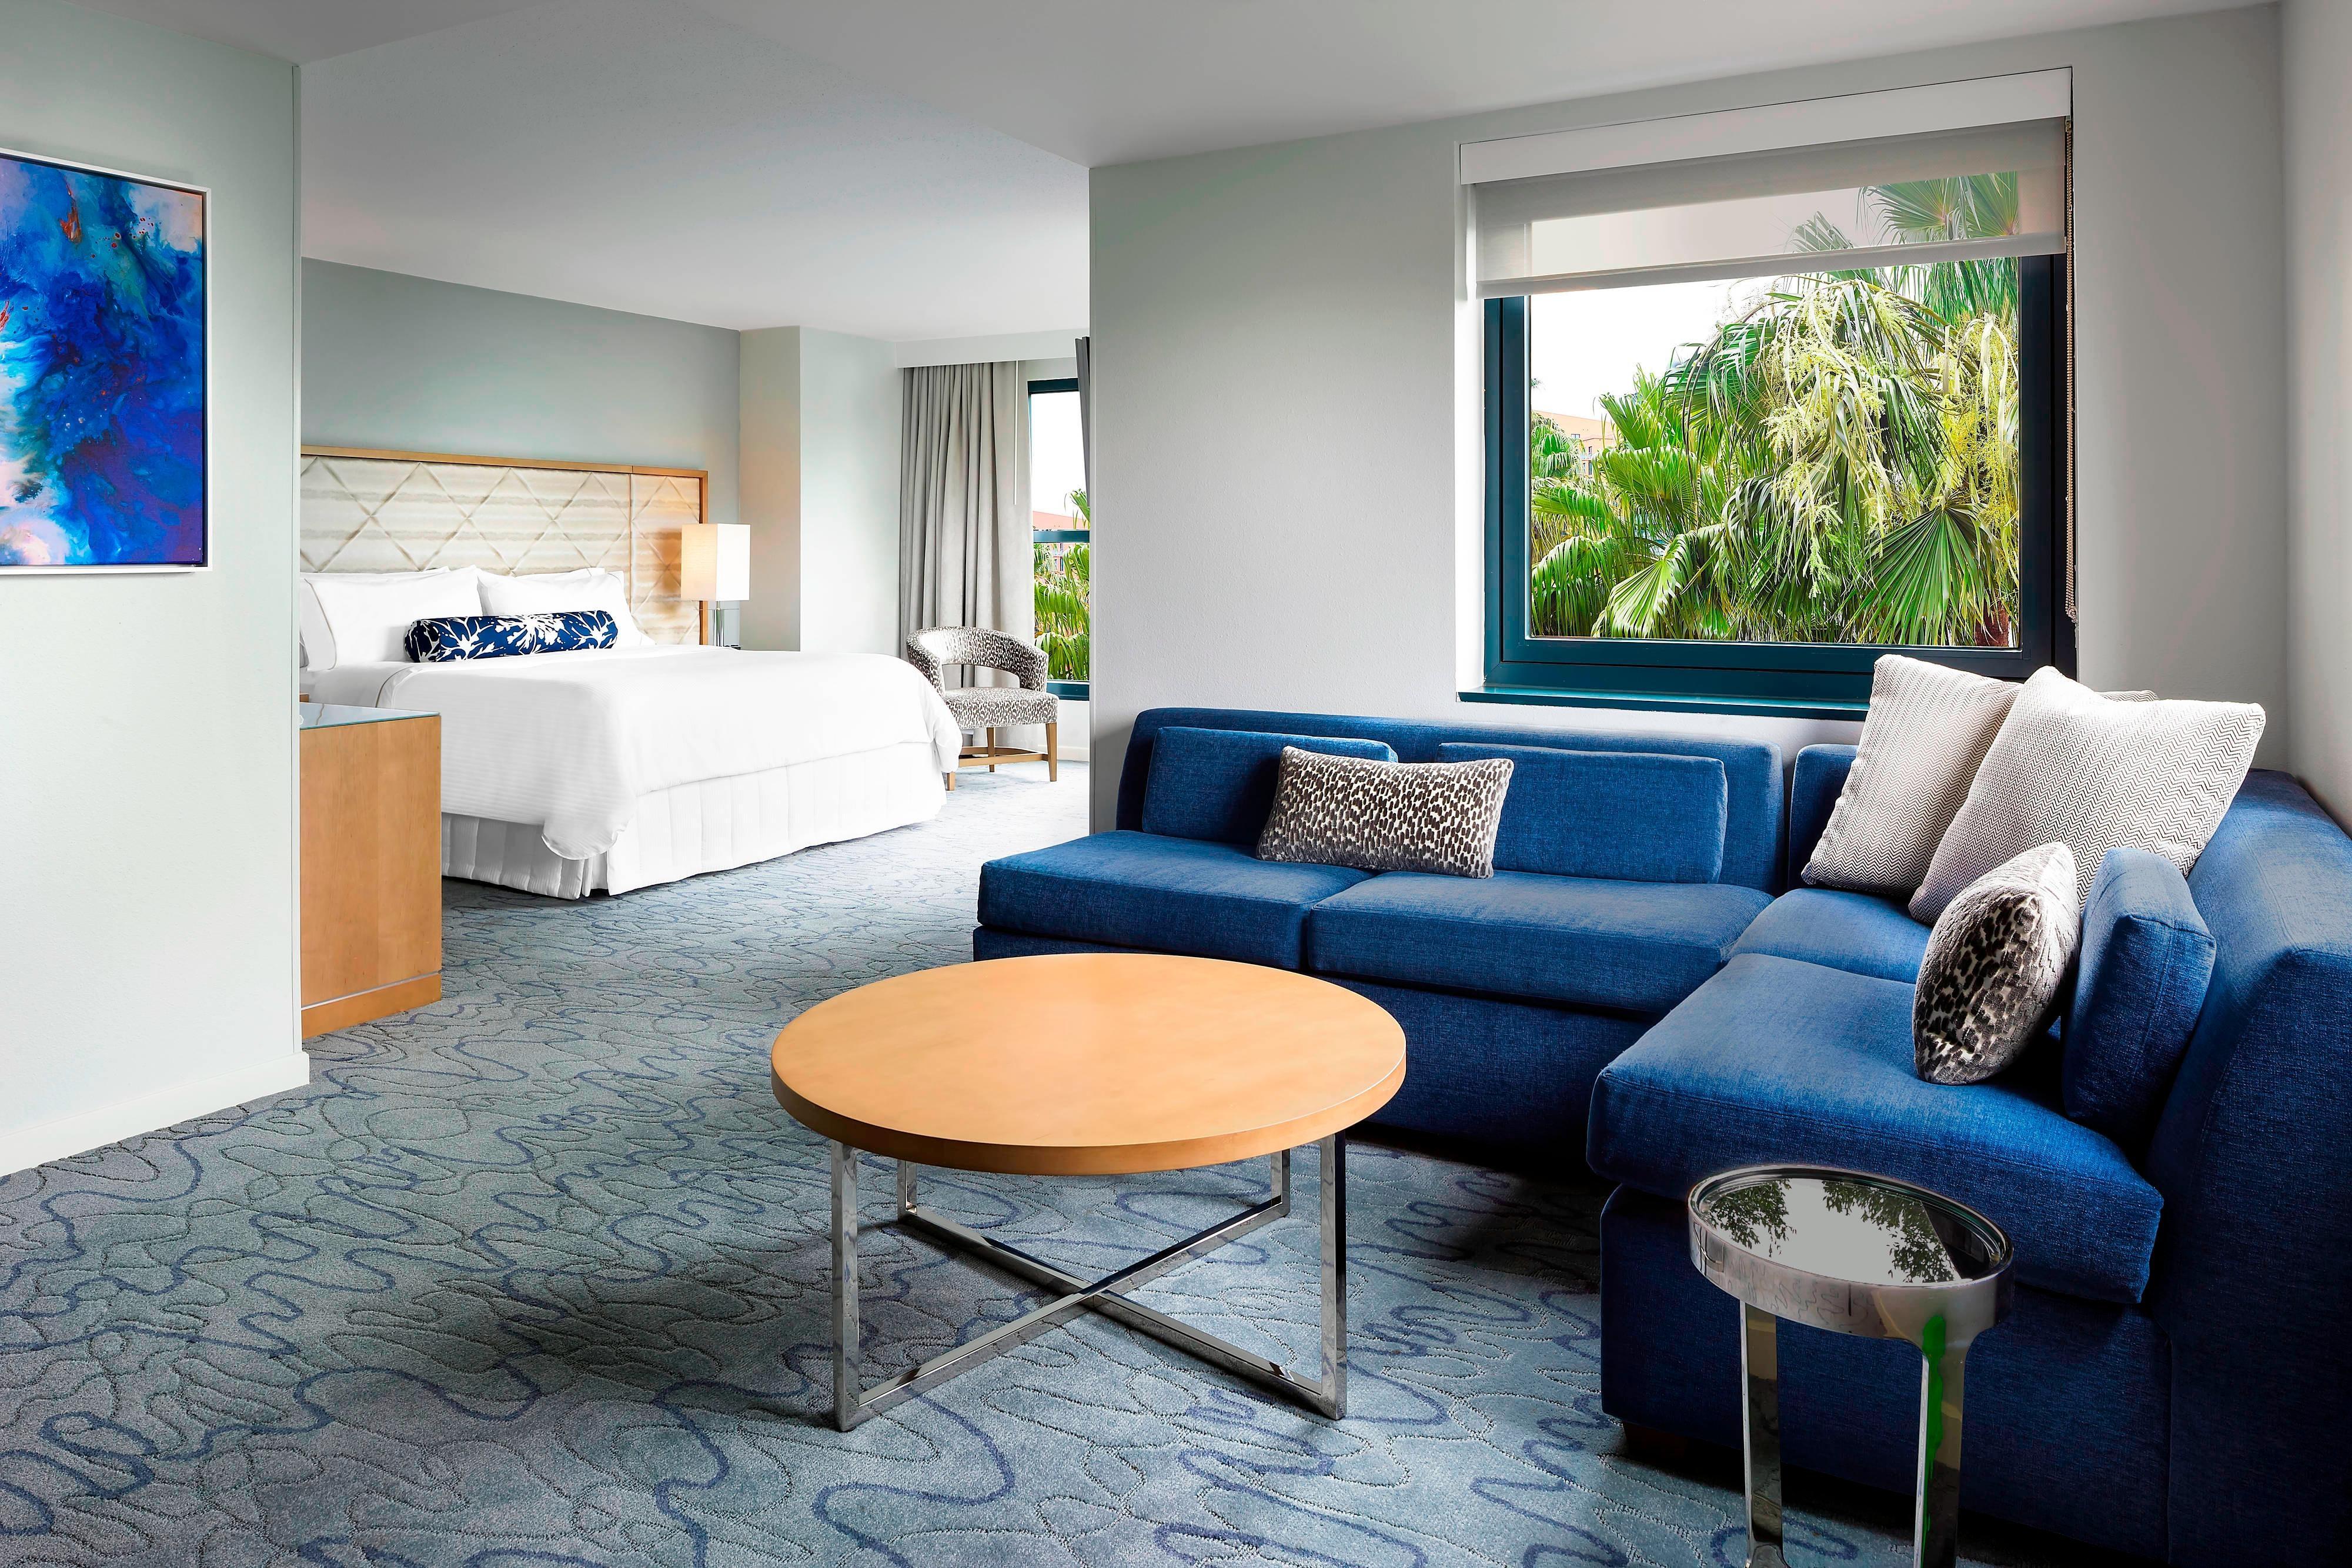 Hotel Rooms & Amenities